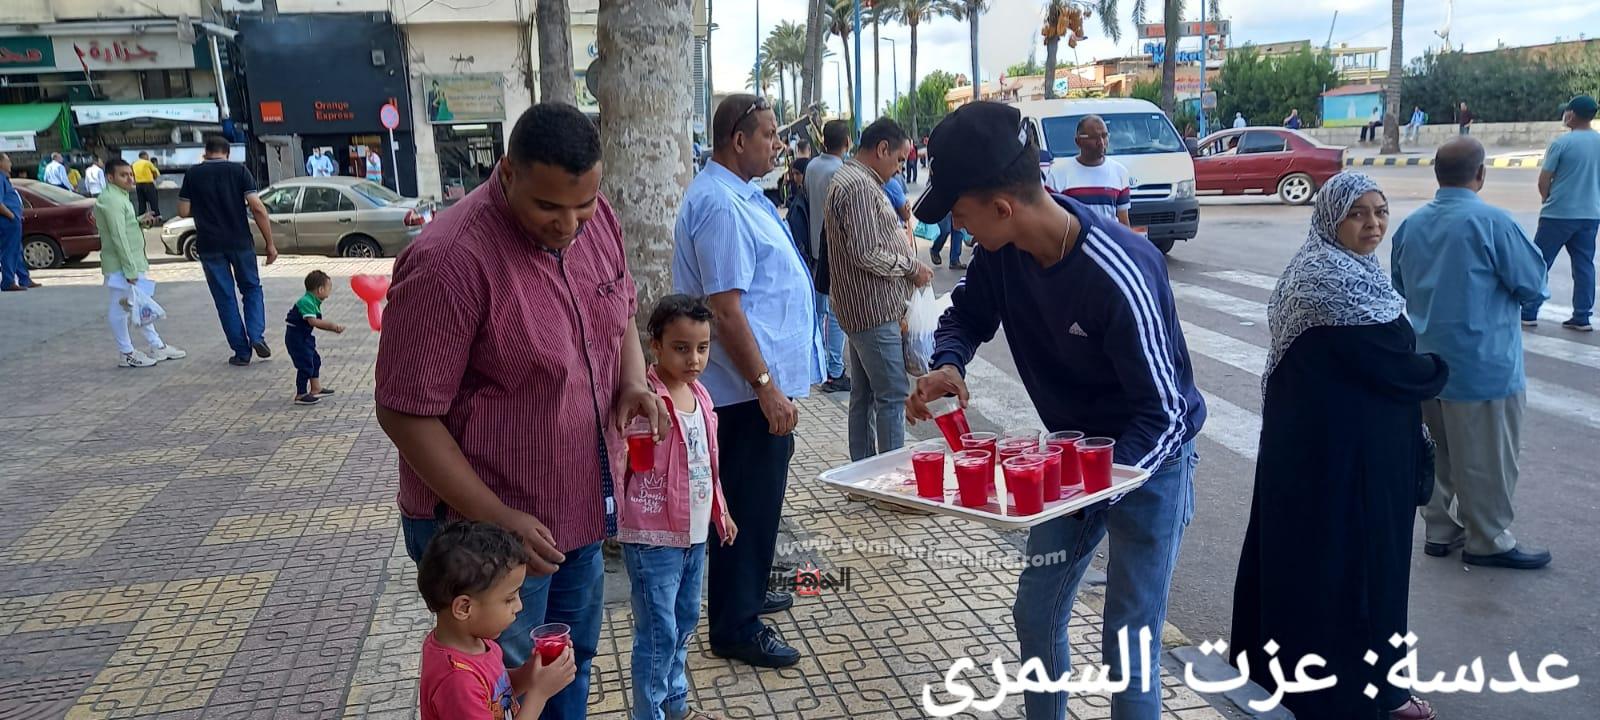 شربات ولاد بحرى إحتفالات بالمولد النبوي بشوارع الإسكندرية